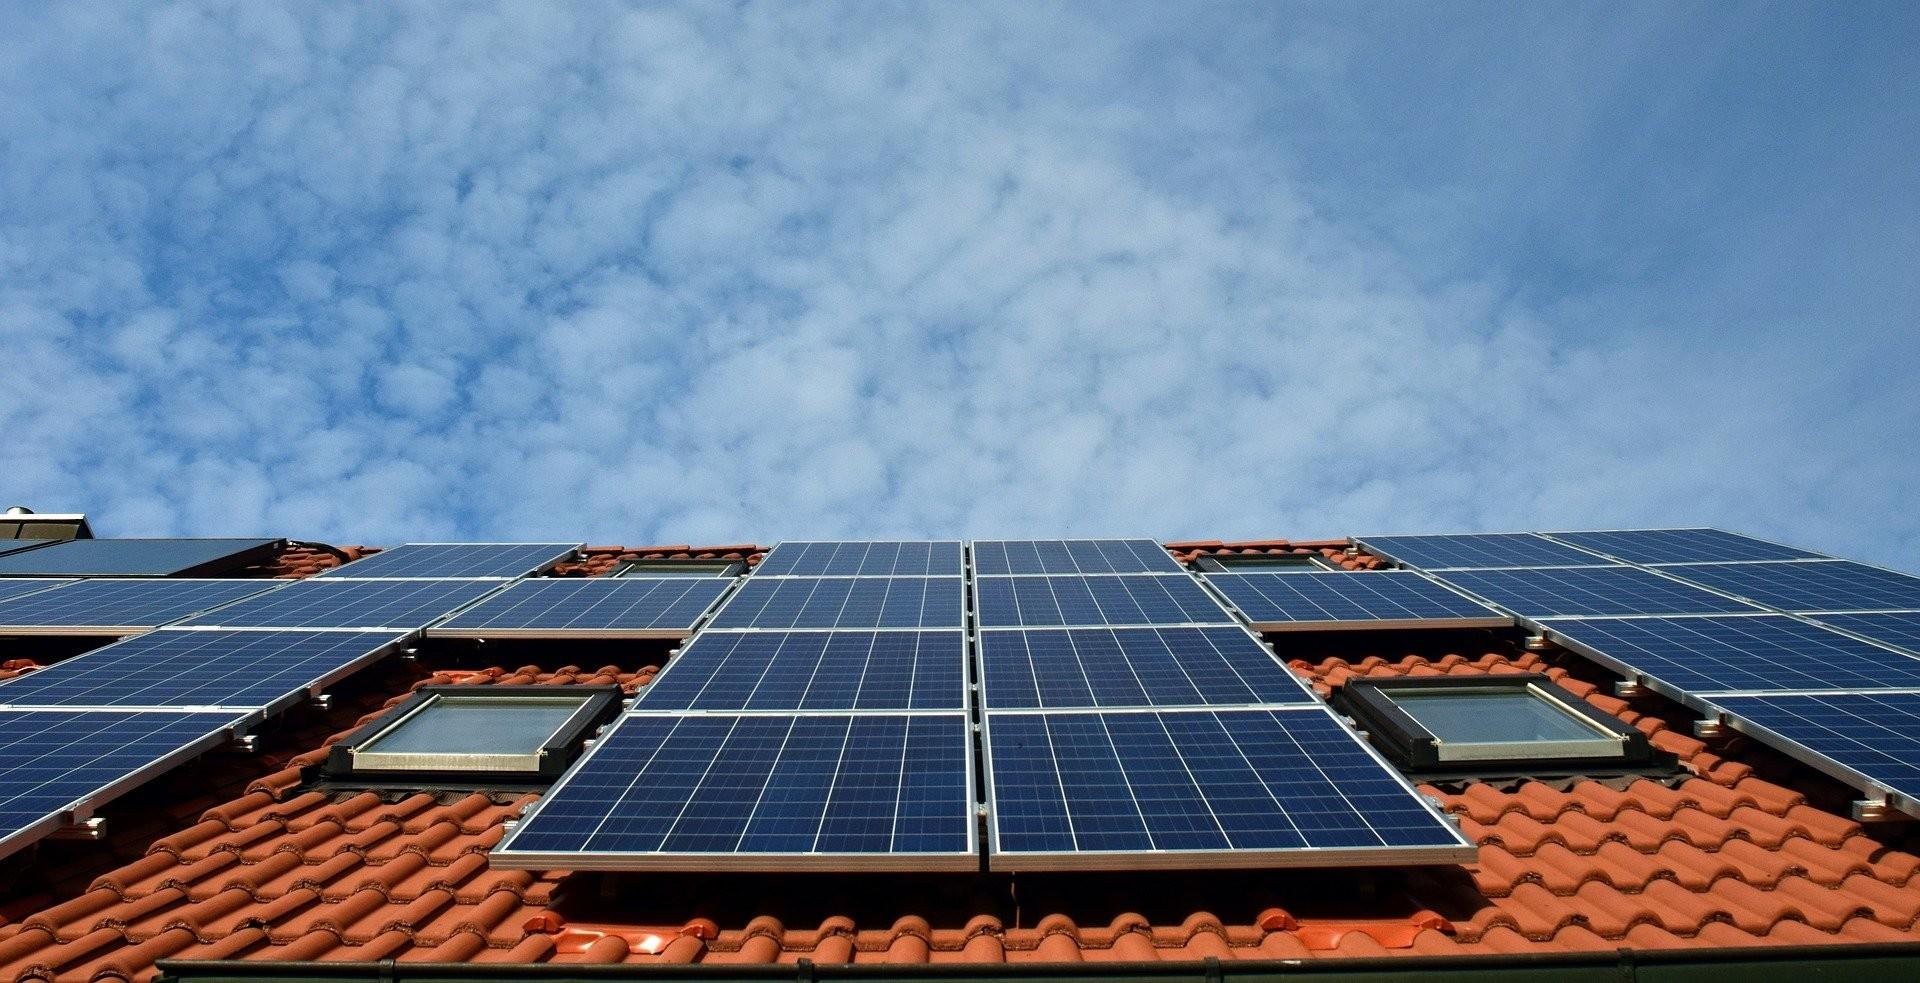 Szeptember 12-éig lehet véleményezni a lakossági napelemes és fűtési rendszer támogatására szóló pályázati tervét